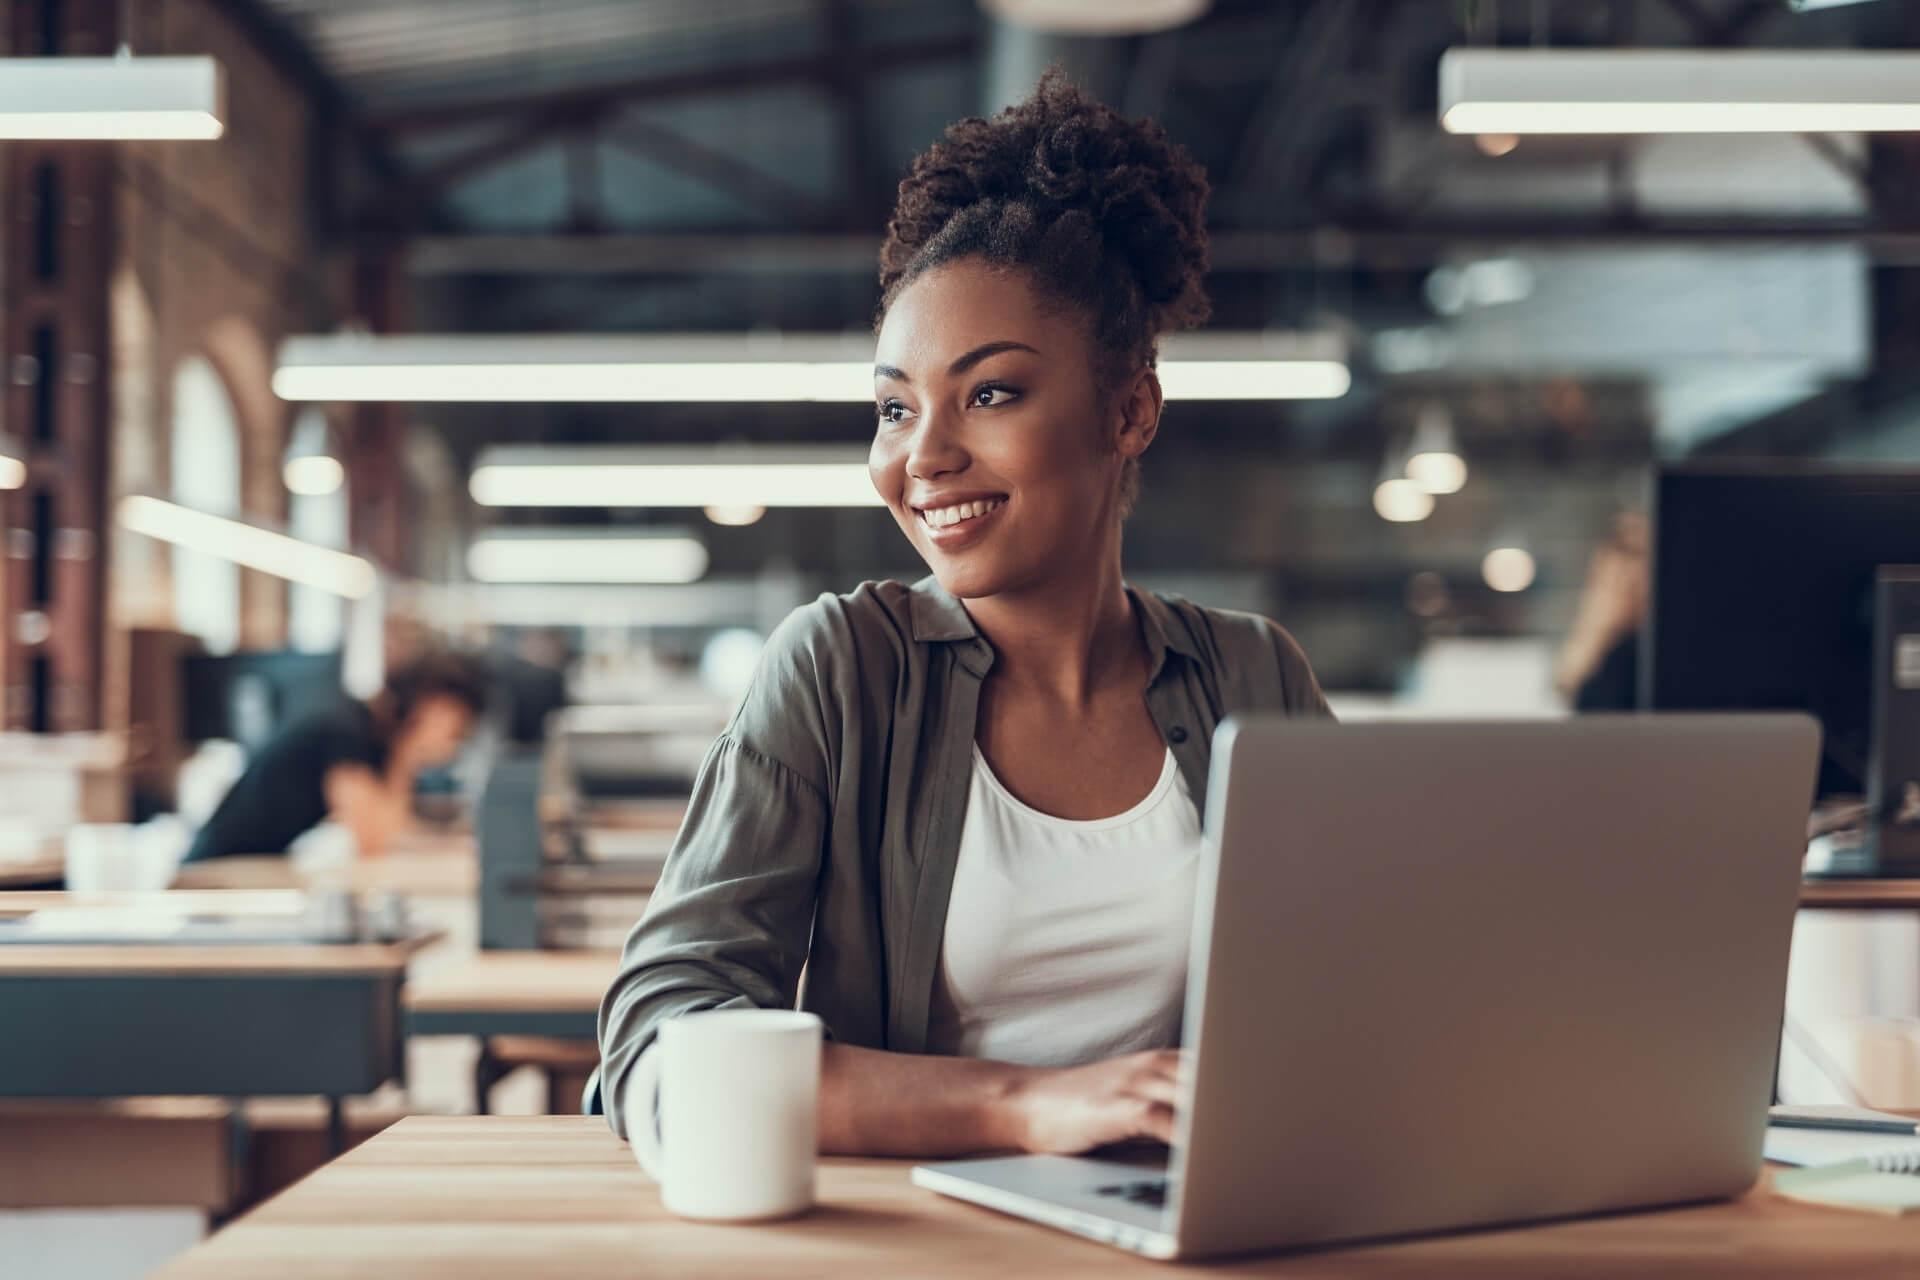 Mulher Negra Mexendo Ao Computador, Olhando Para O Lado E Sorrindo.